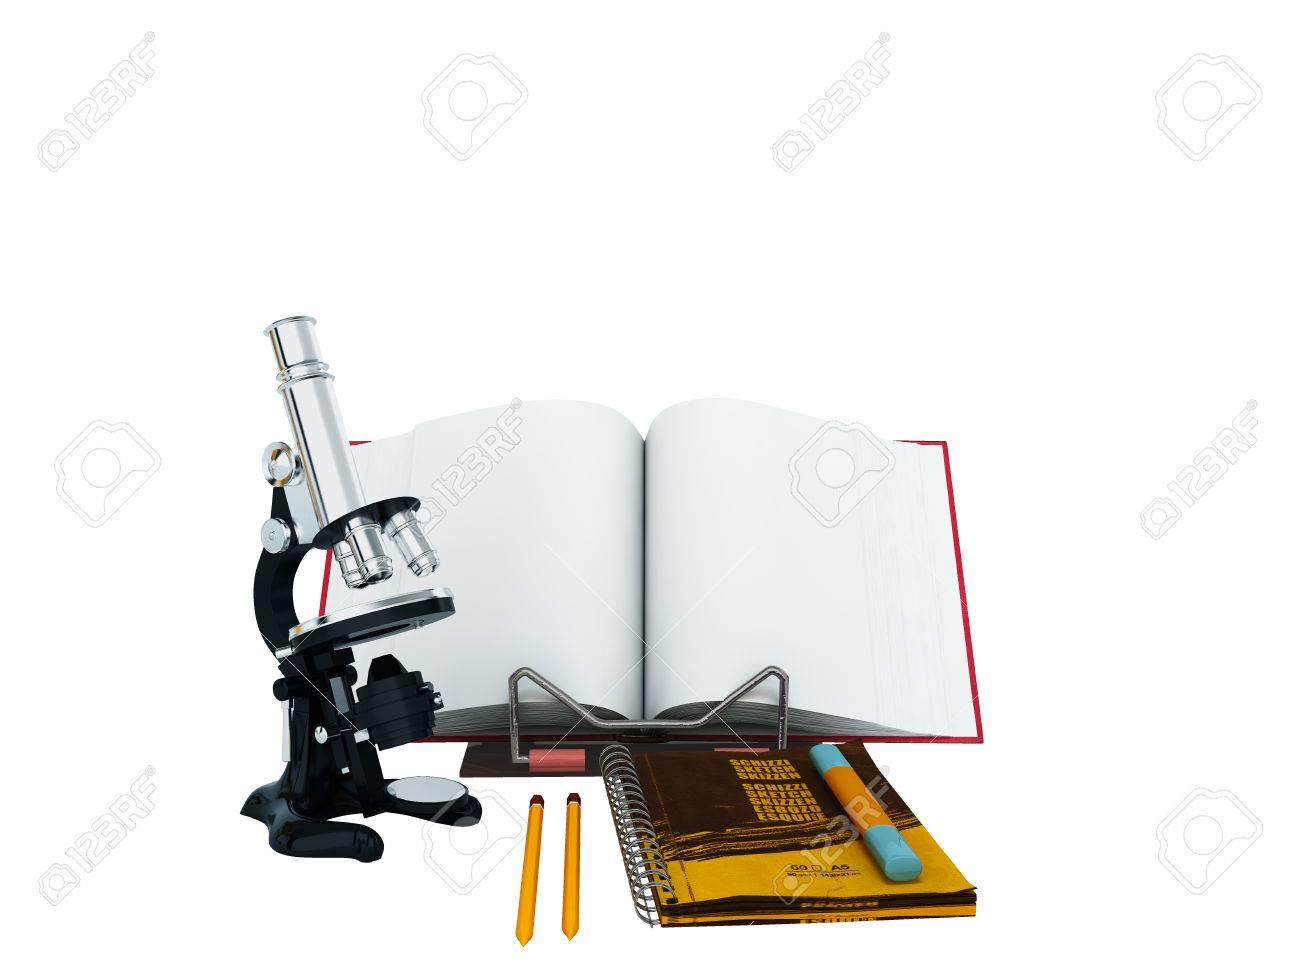 Konzept der schule und bildung biologie mikroskop notebook d